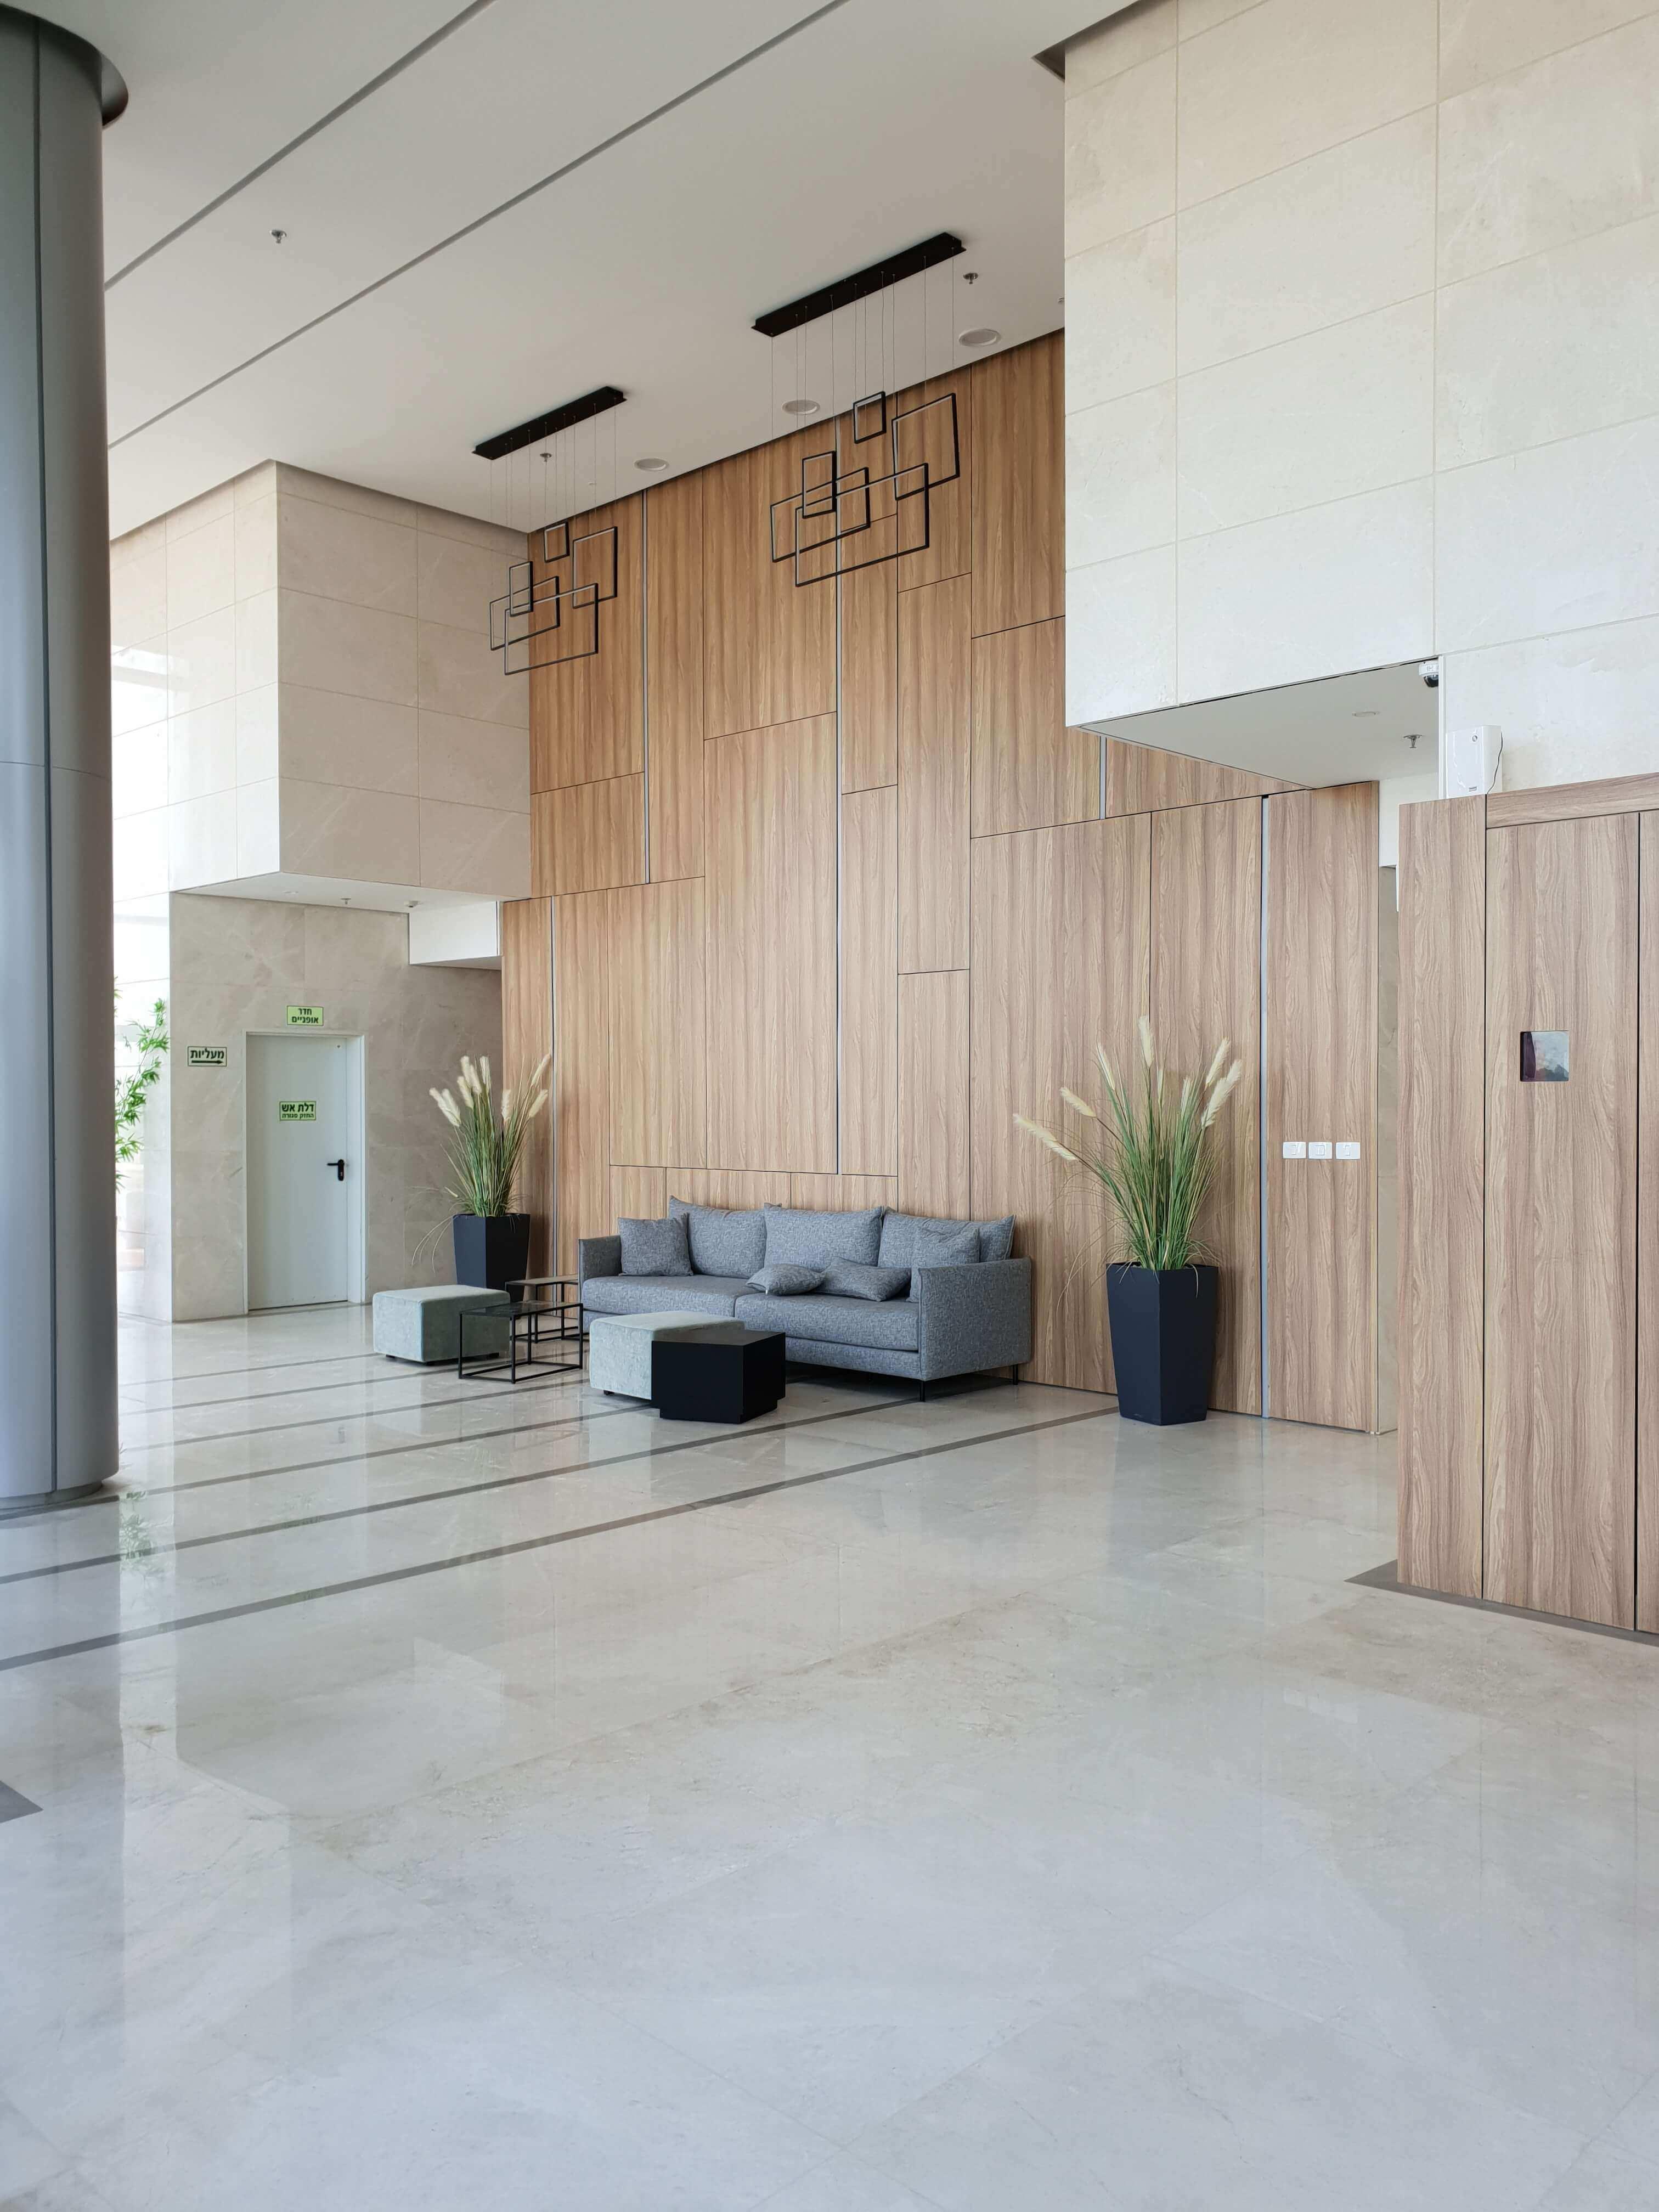 דירת אורגד לבנות - תמונה 3